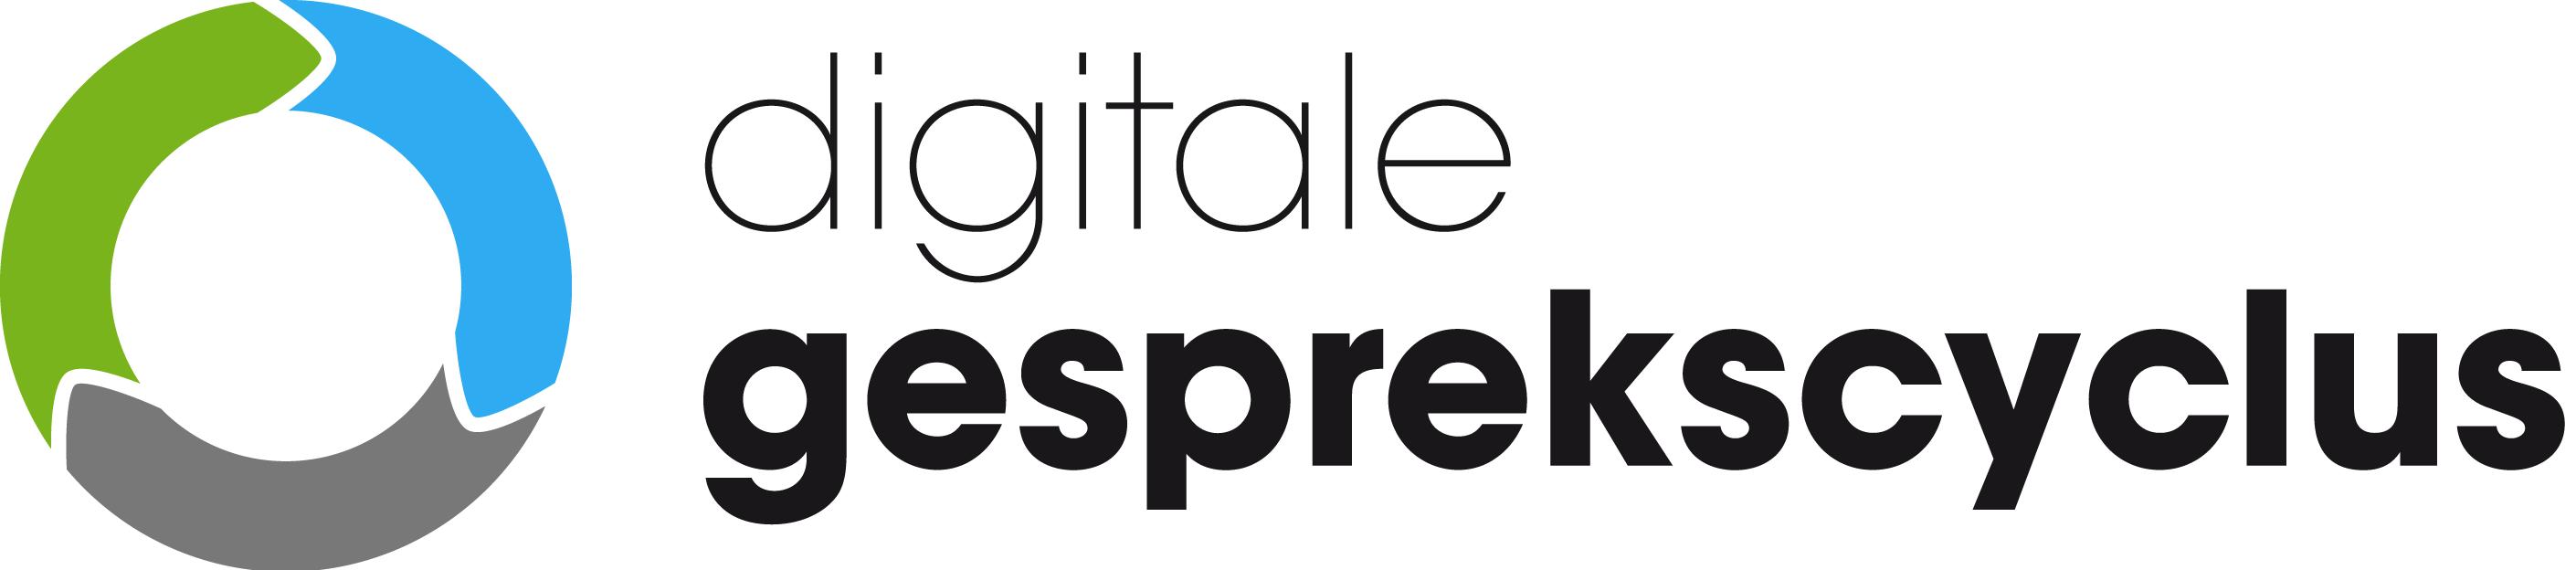 logo-ddgc-2016-rgb